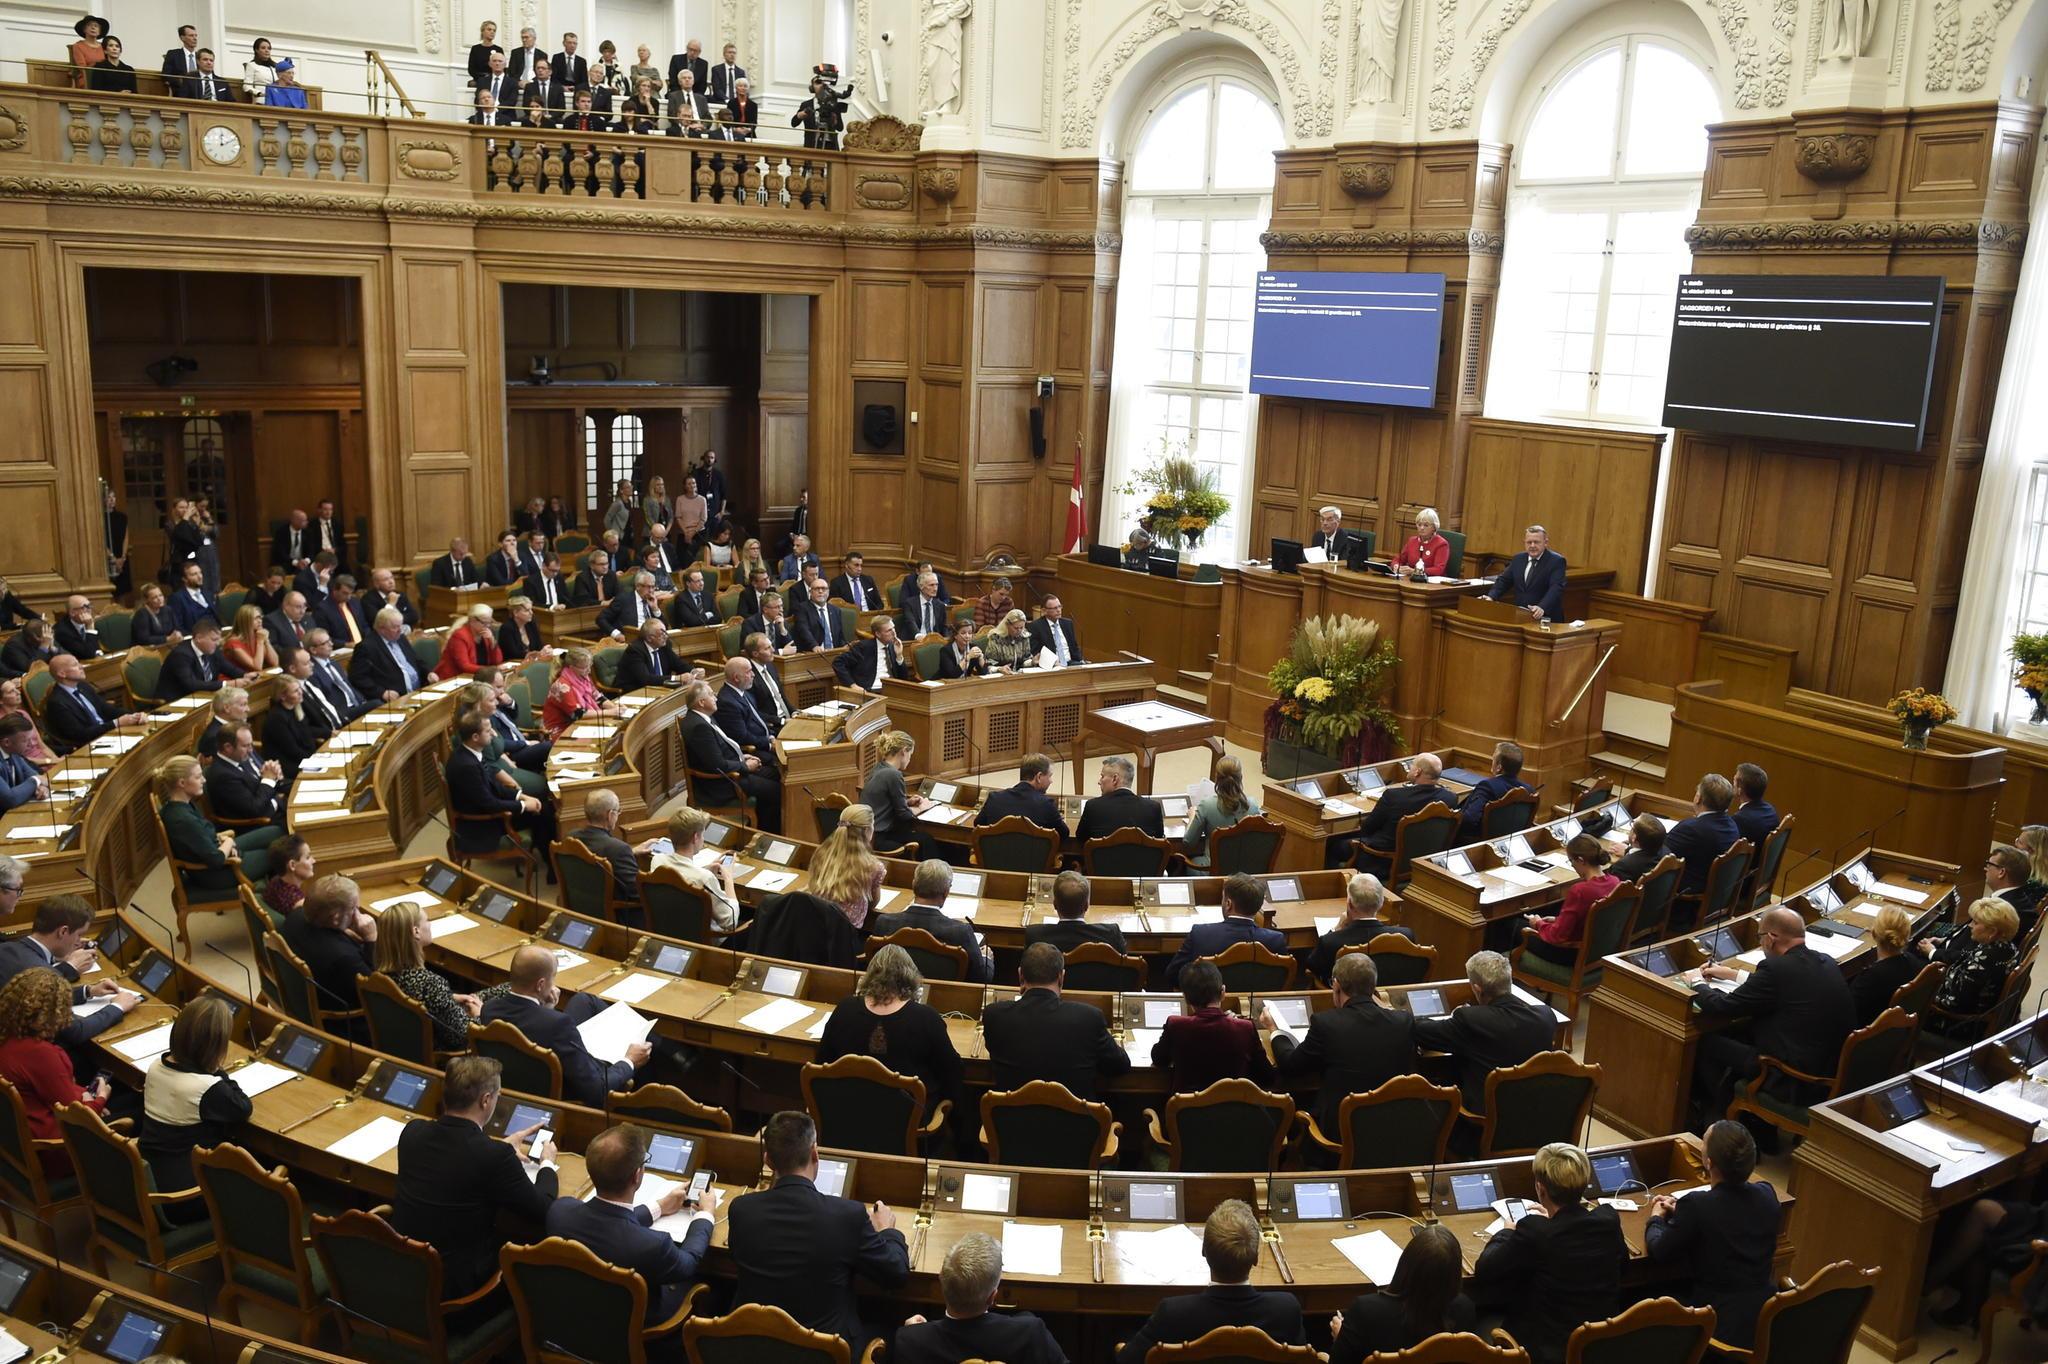 """Dänemark: Ihr Kind sei """"unerwünscht"""": Parlamentspräsidentin wirft Abgeordnete aus dem Saal"""